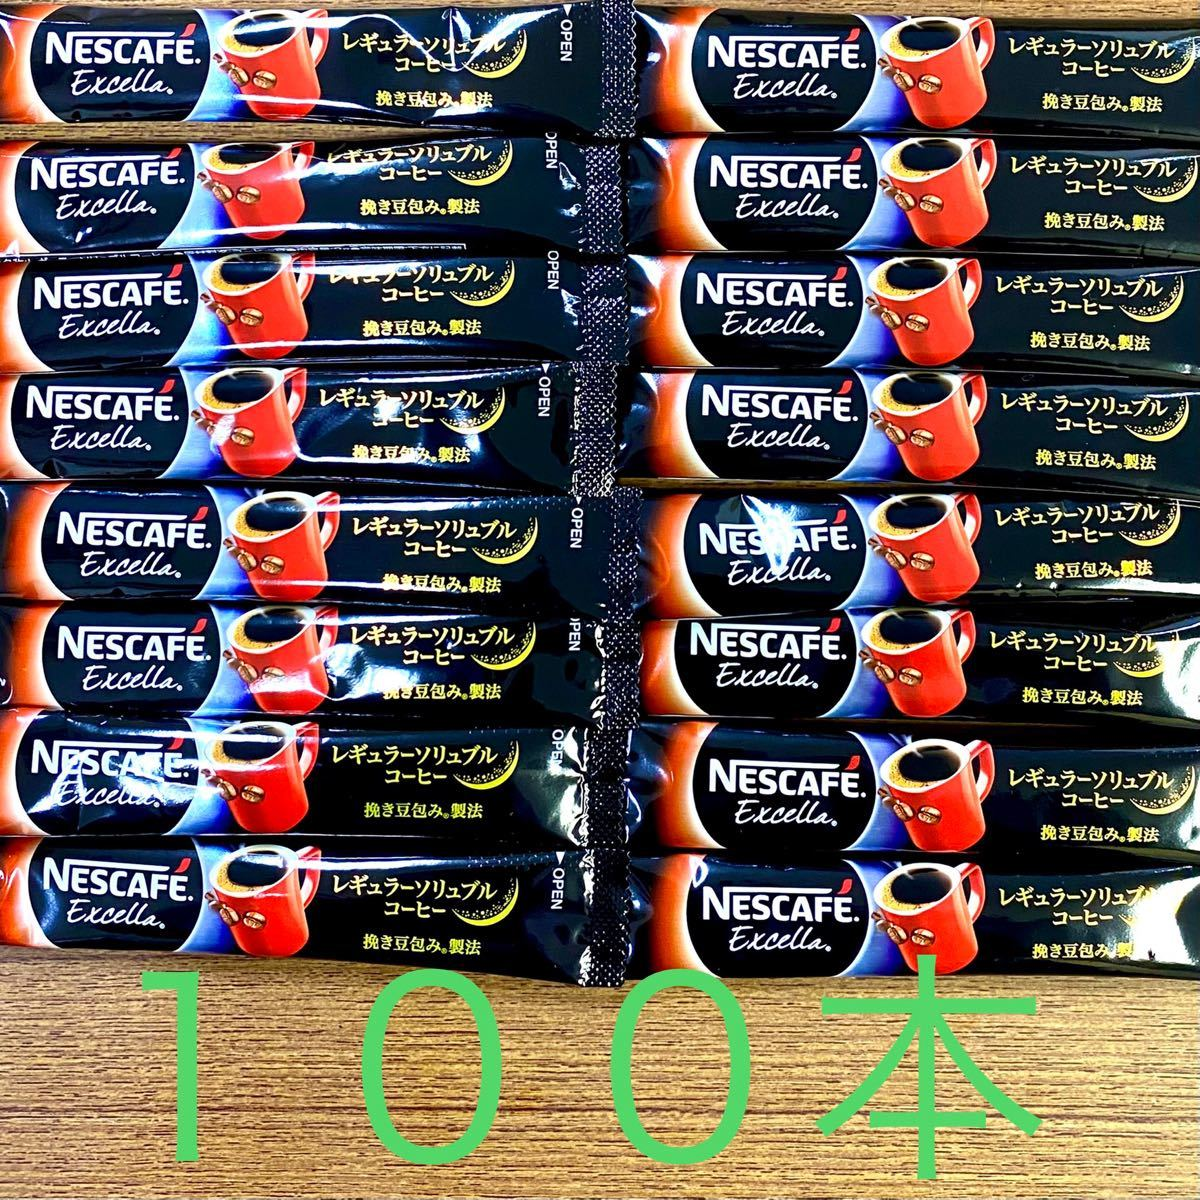 【ネスレ エクセラ】スティックコーヒー100本セット